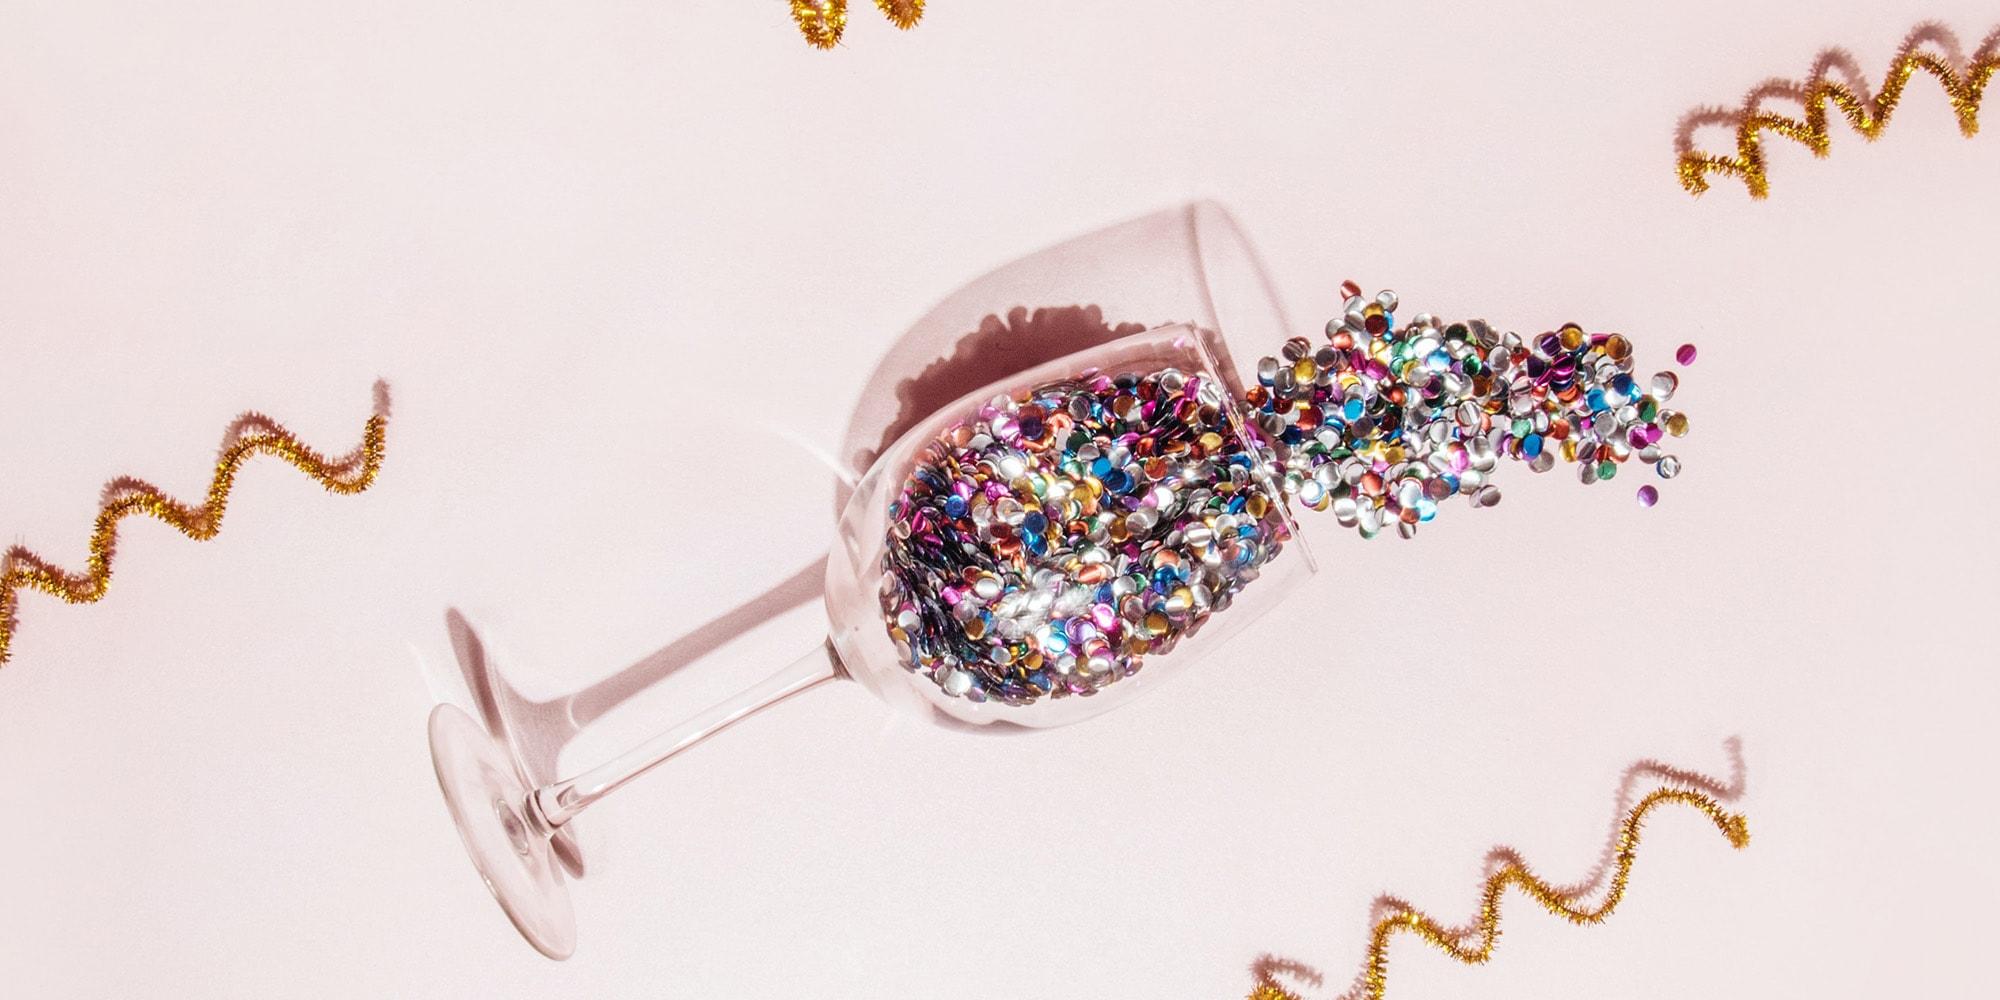 confetti in a wine glass